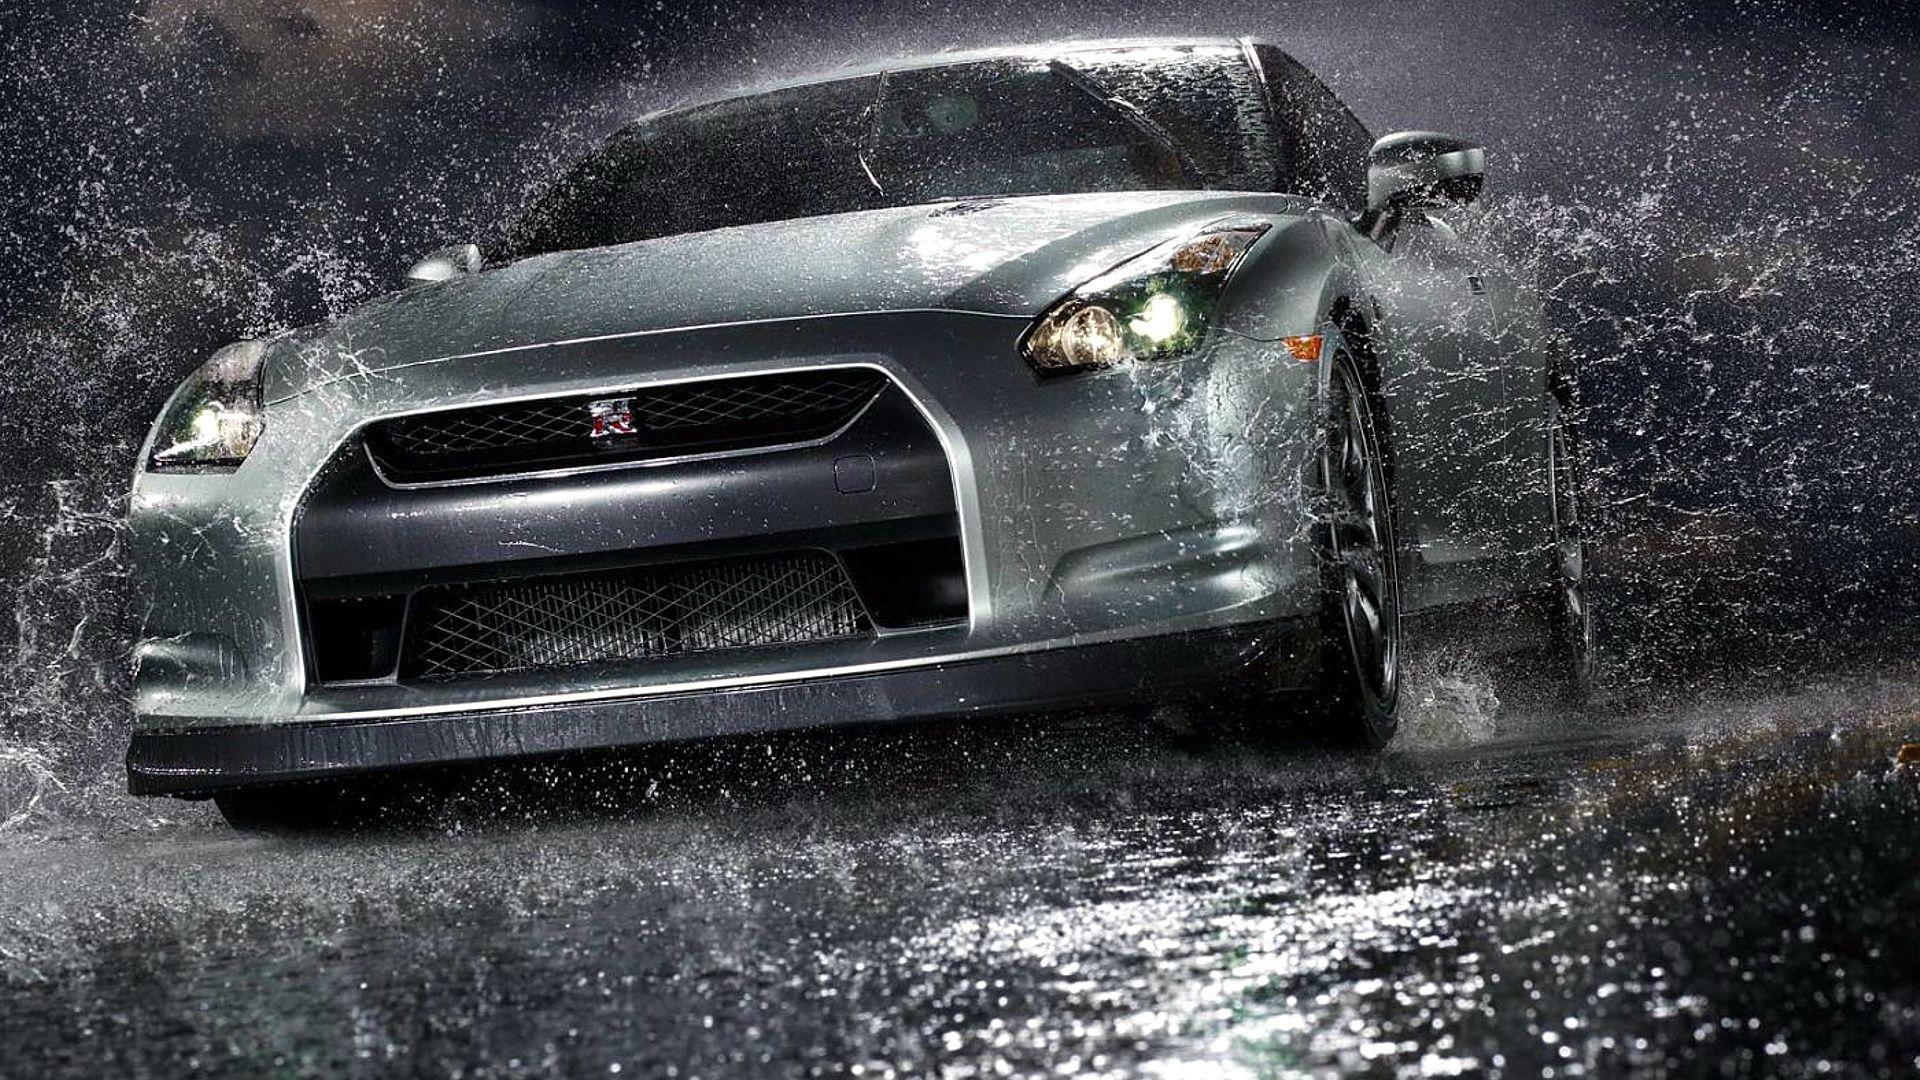 Nissan GTR in rain, hd wallpapers from www.HotSzots.eu